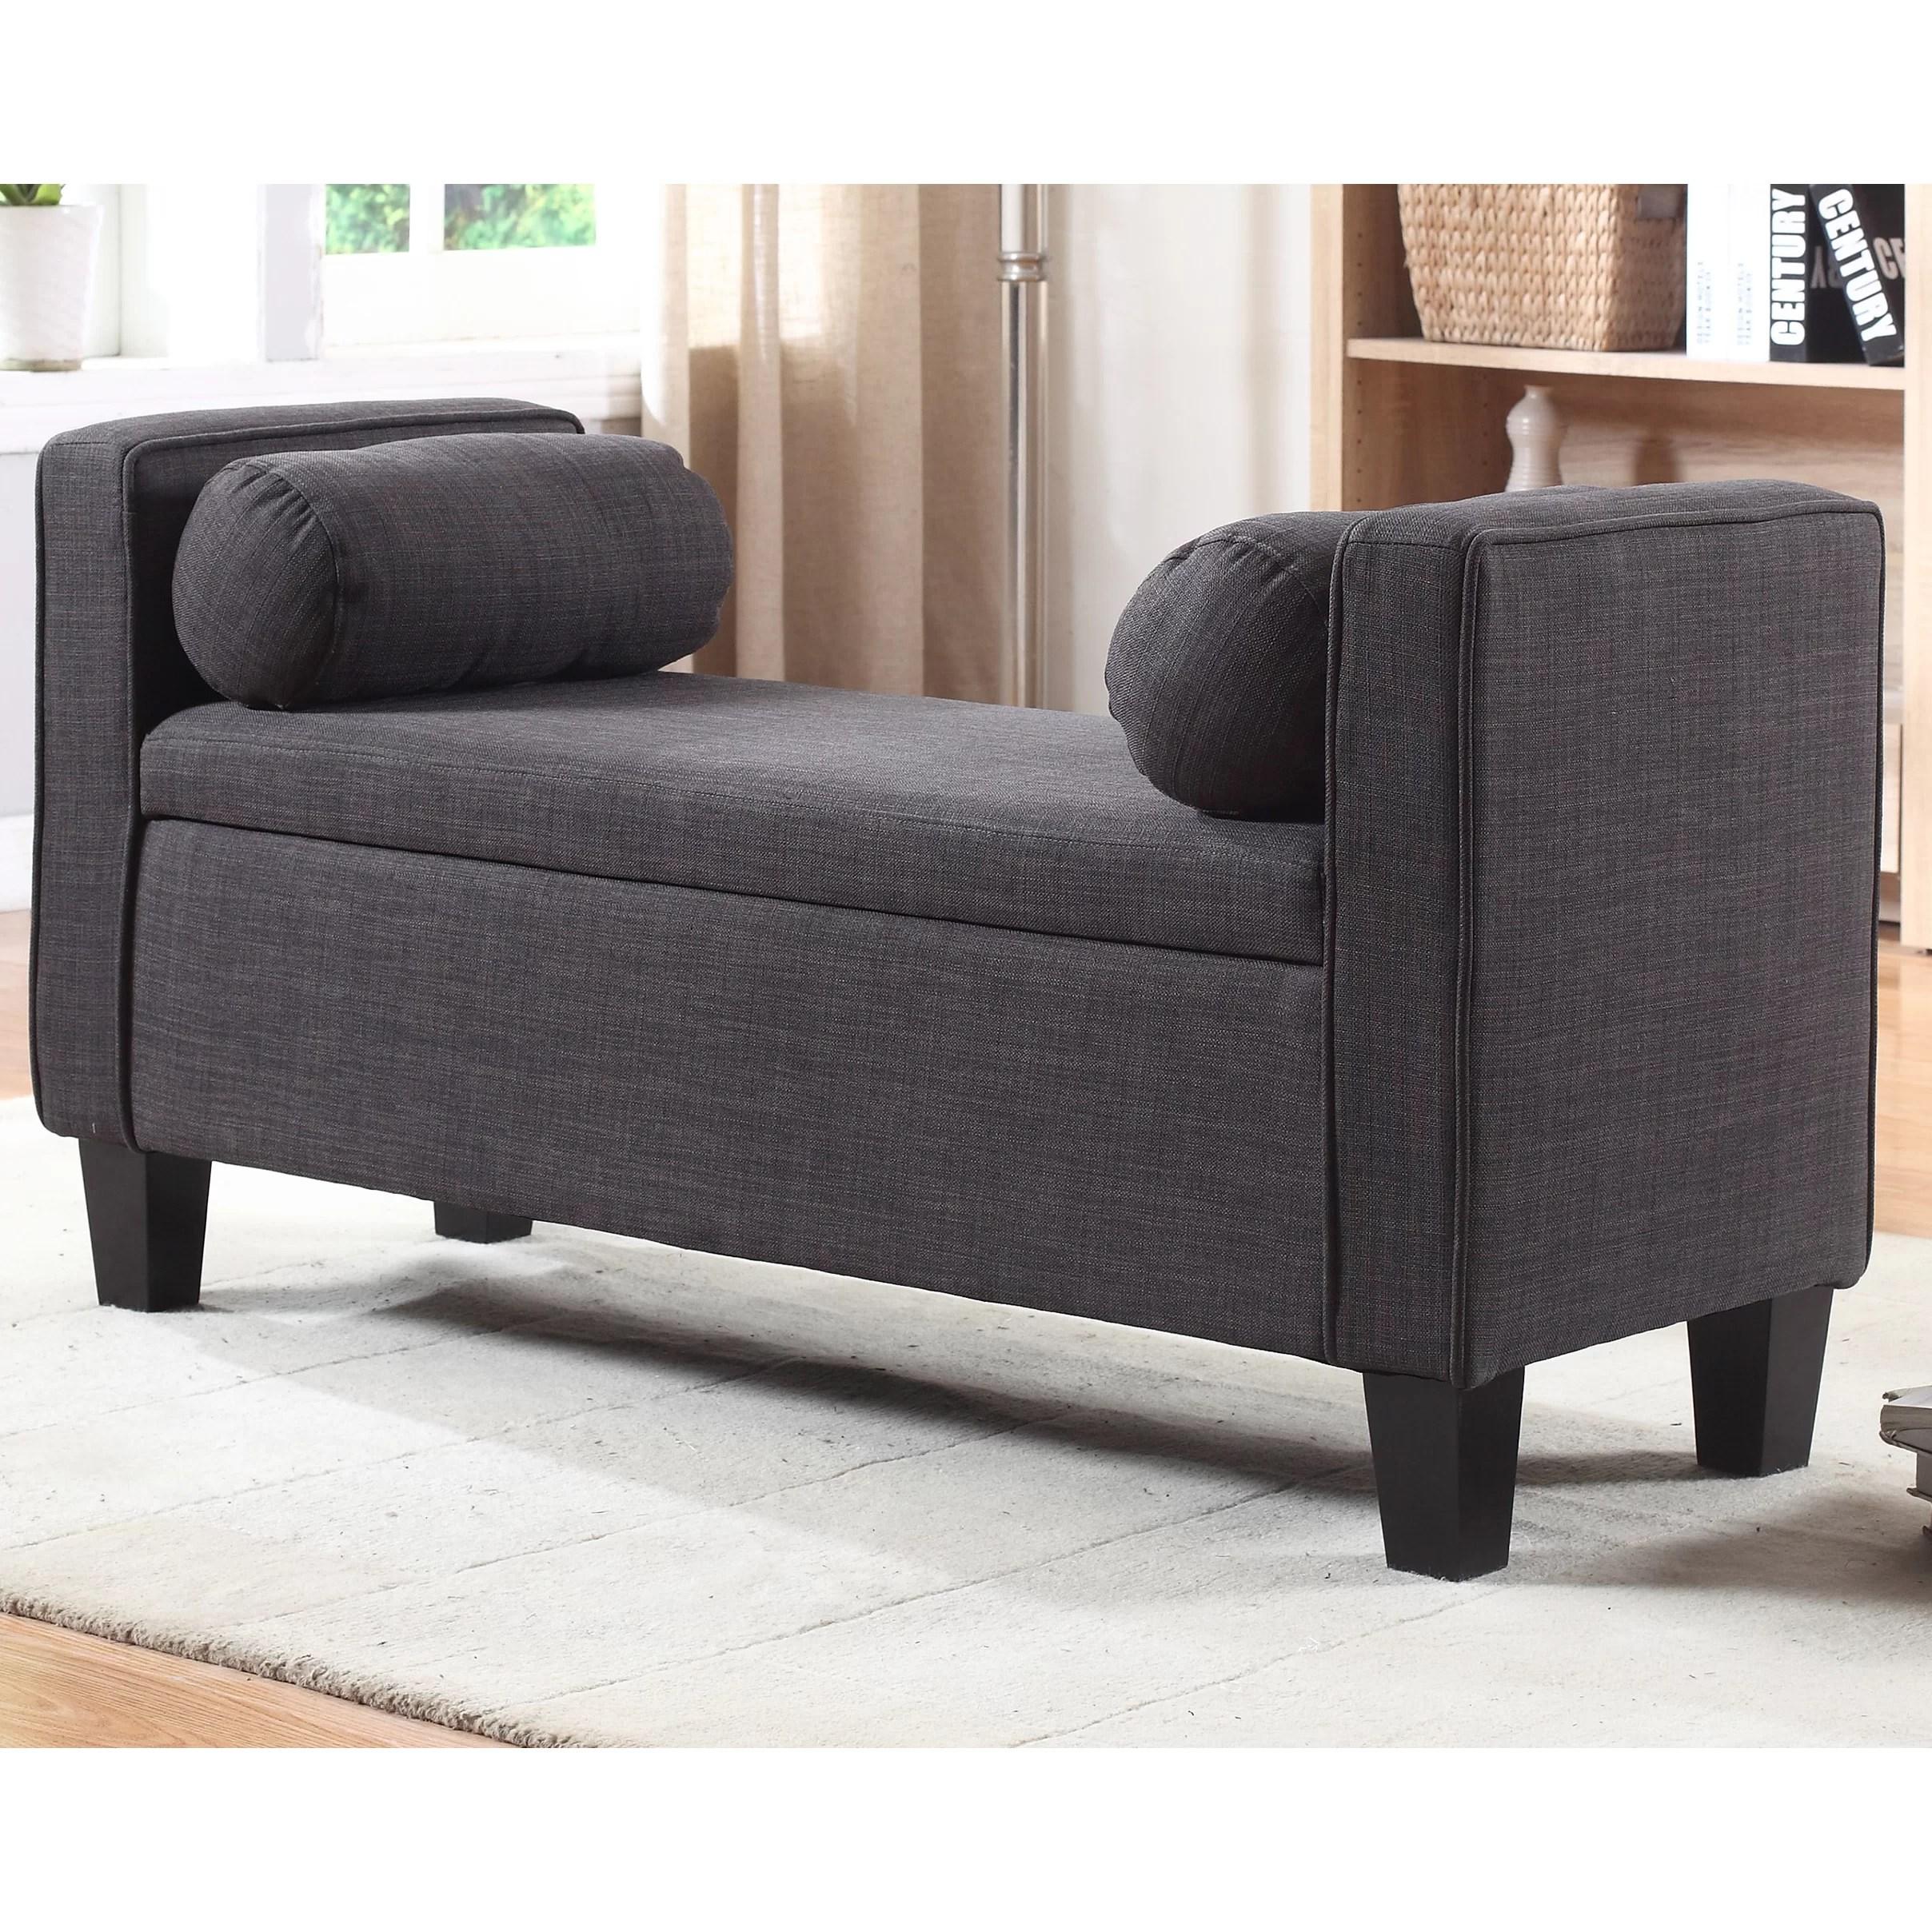 Red Barrel Studio Royce Upholstered Storage Bedroom Bench  Wayfair